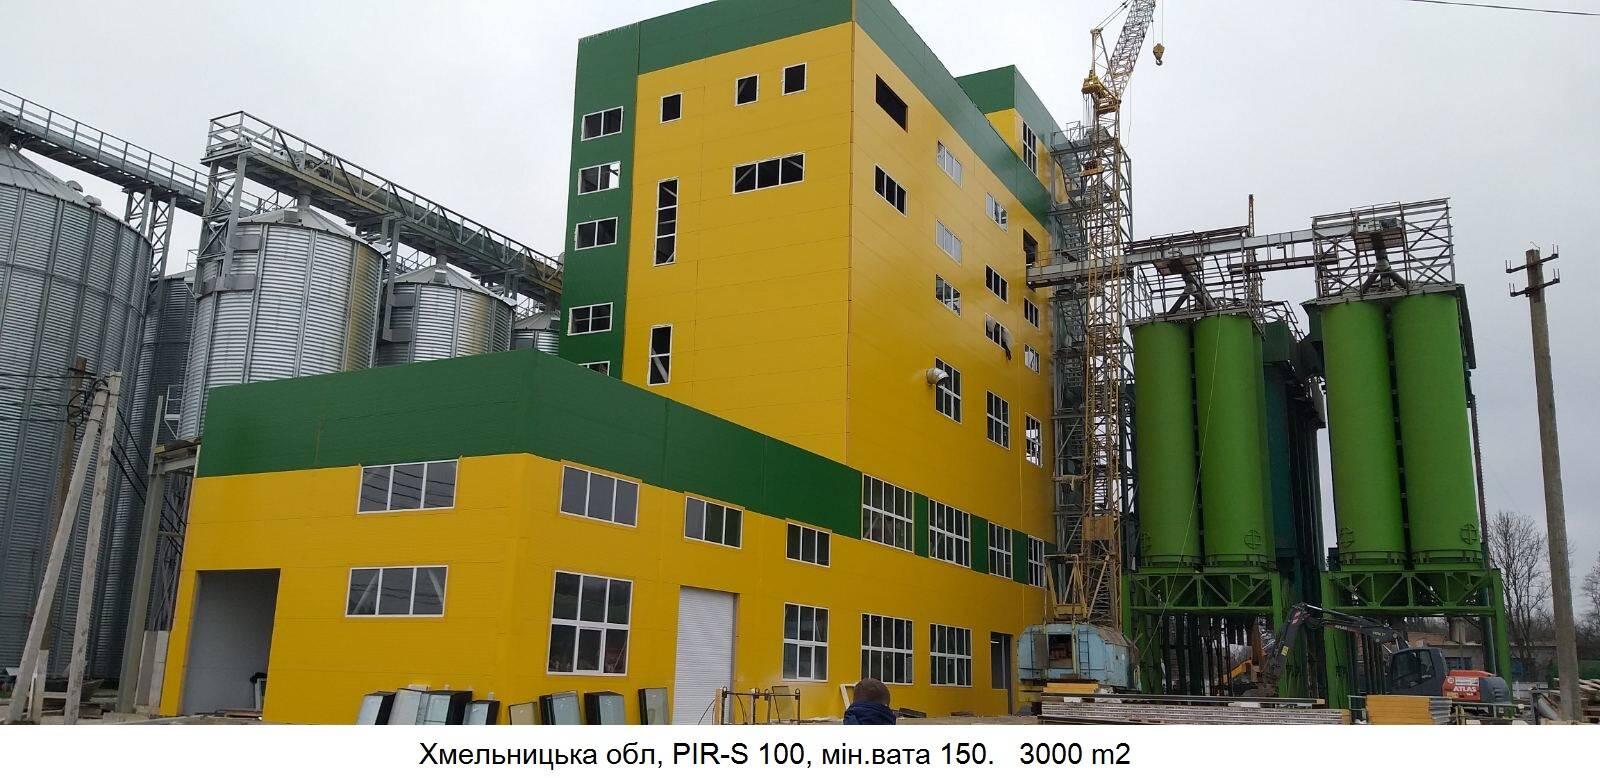 Сэндвич панели PIR, PUR, MW. Будівельно-монтажні роботи